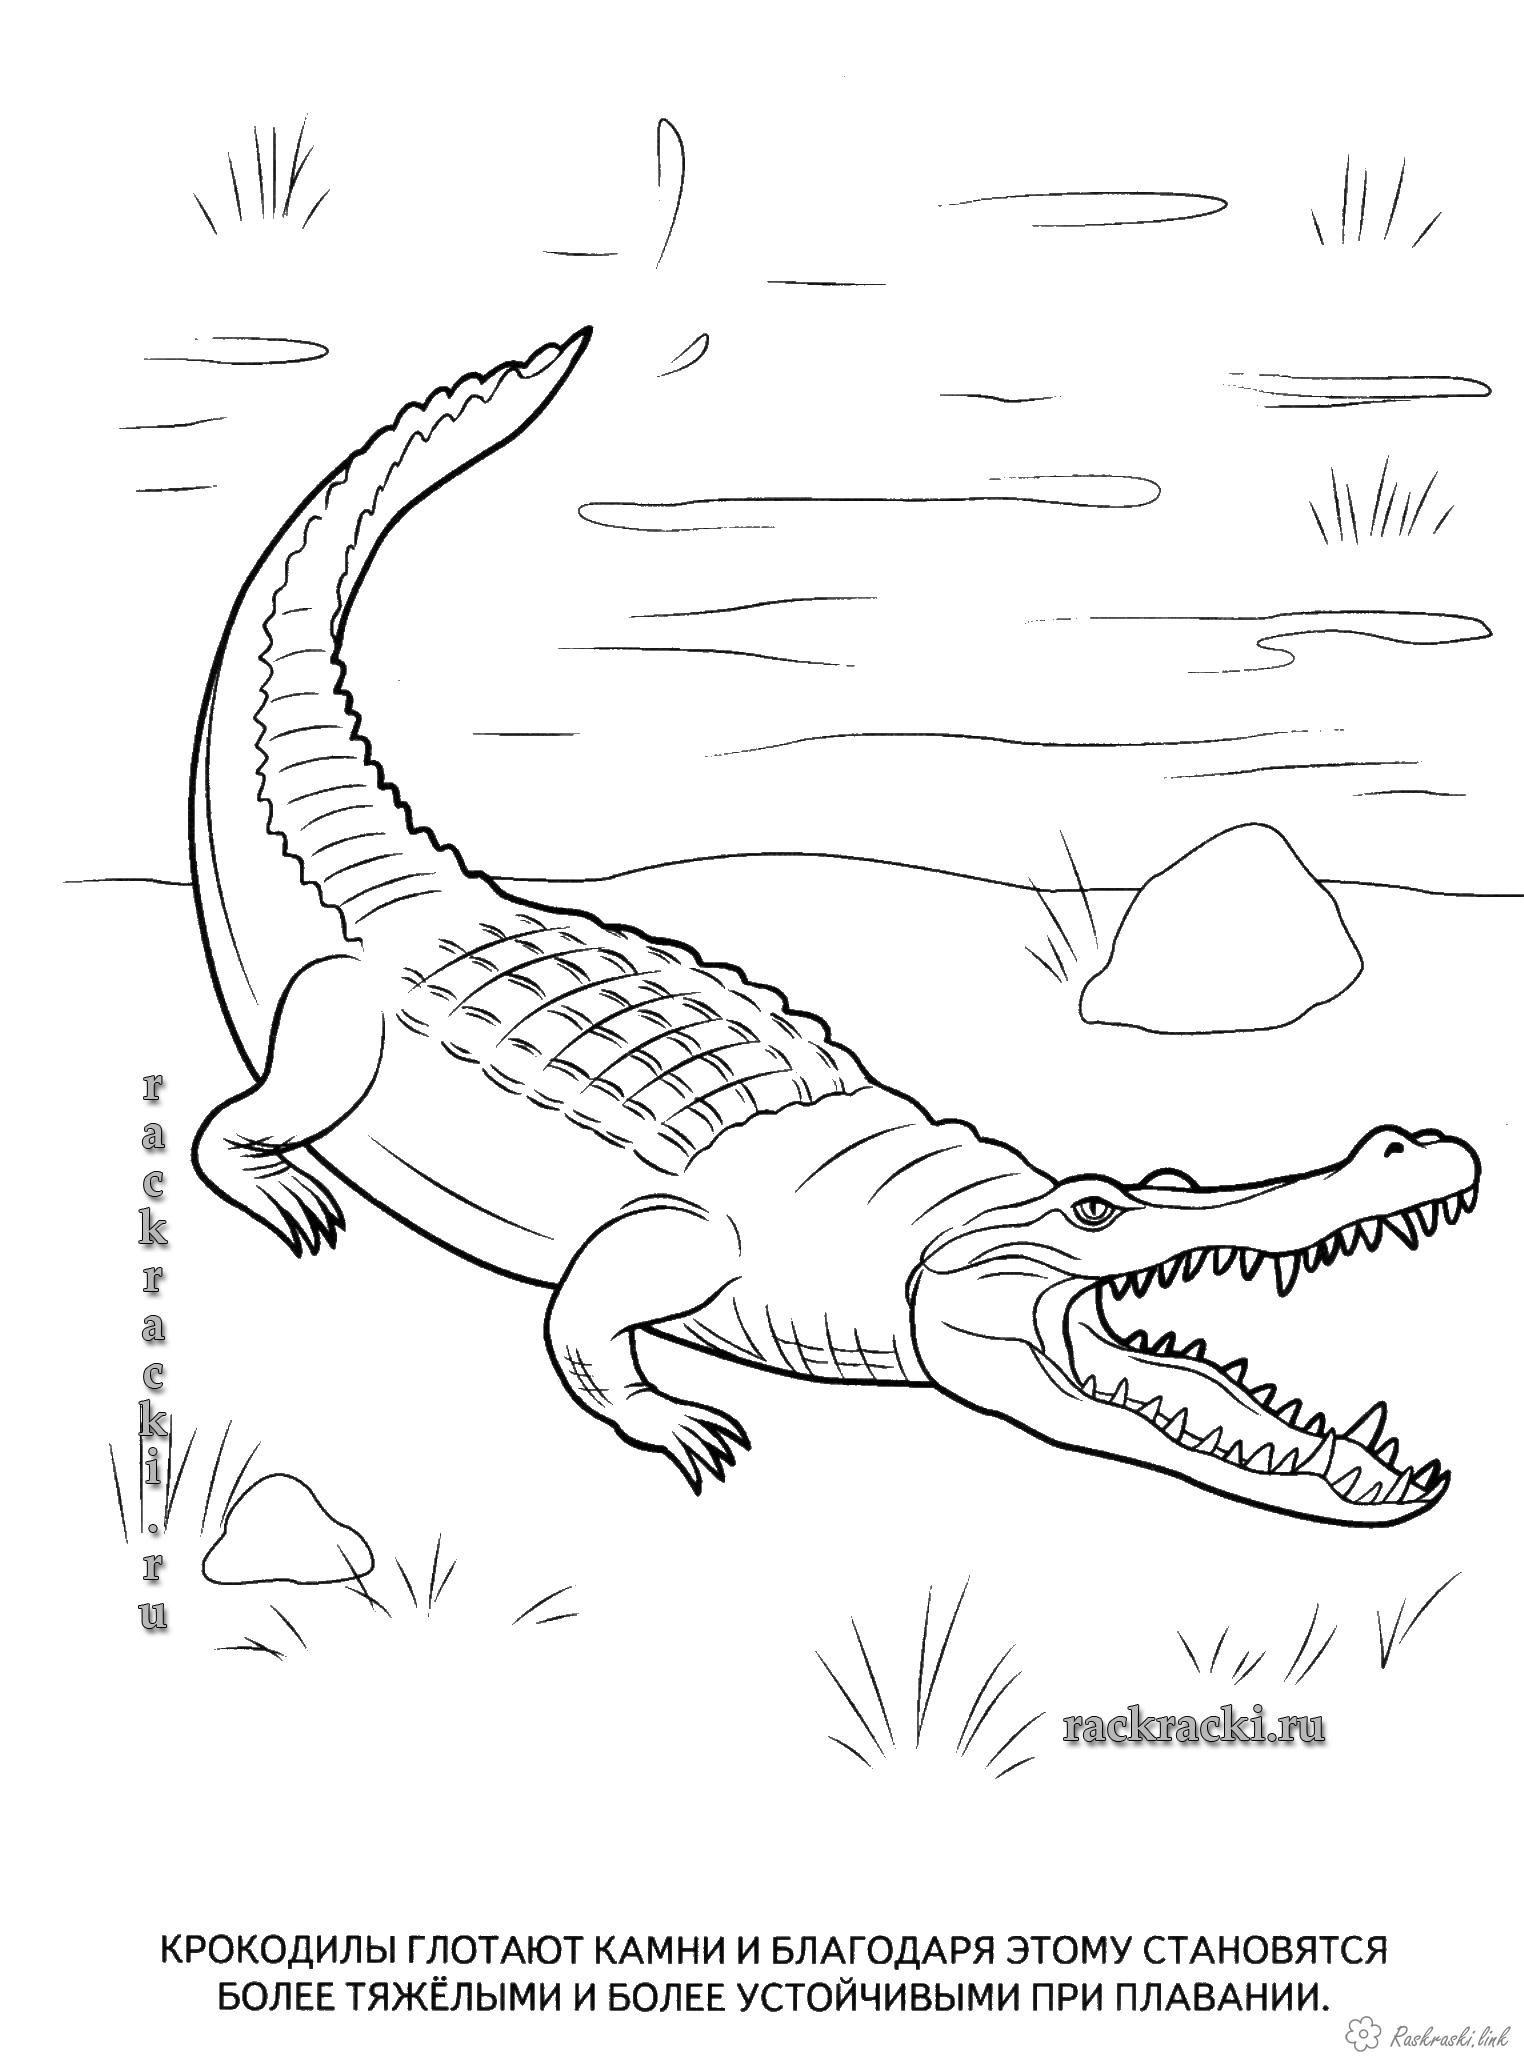 Raskraski Reptilii Detskaya Raskraska Reptilii Krokodil Krokodily Raskraski Reptilii